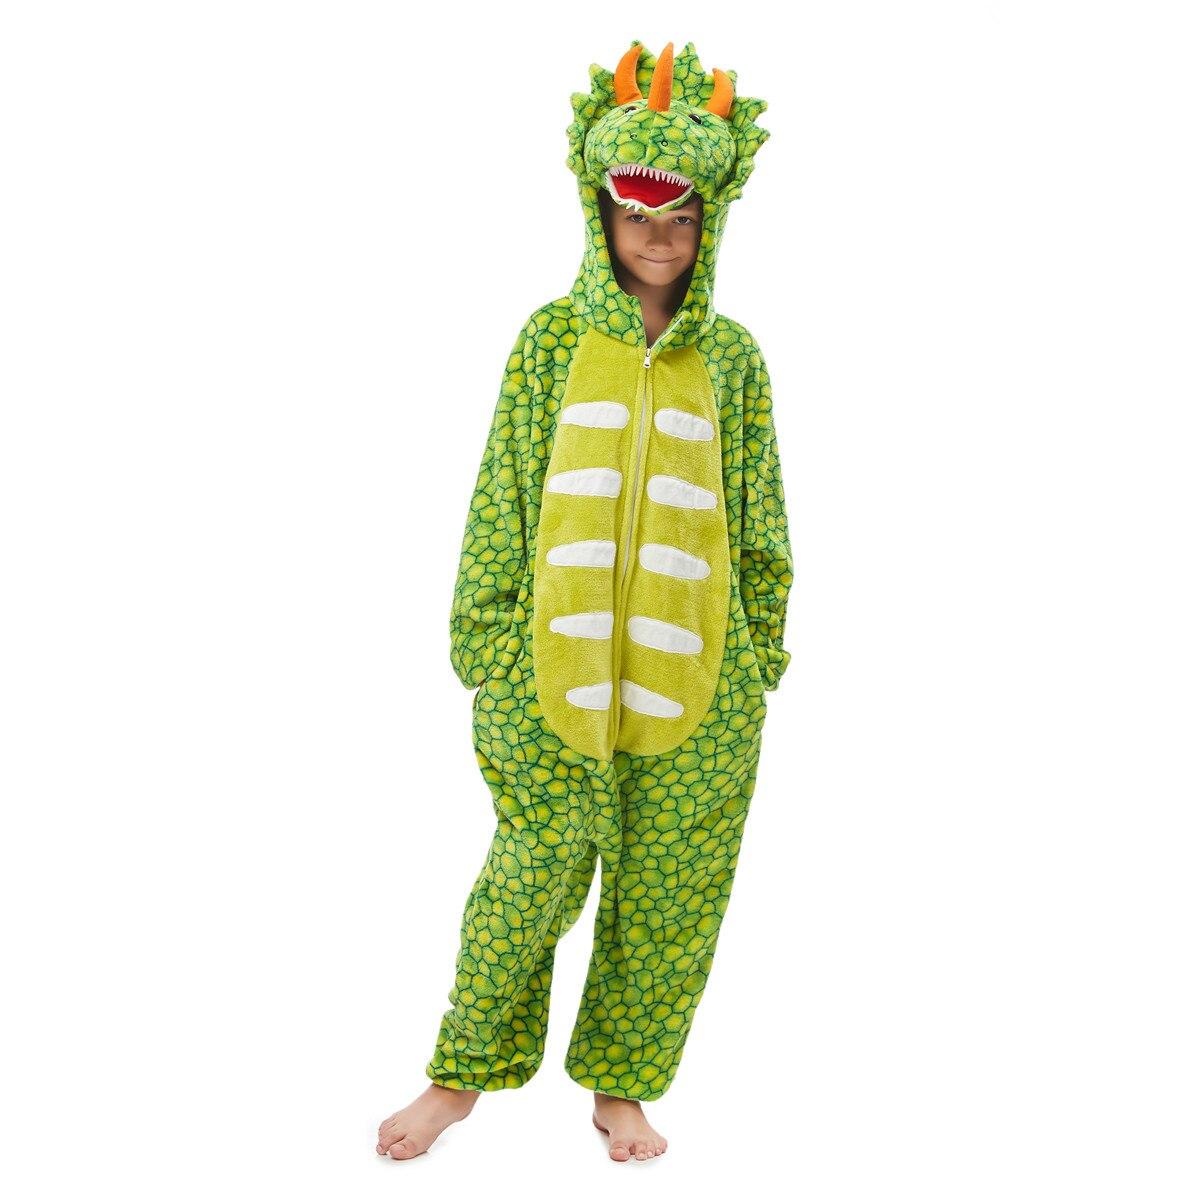 Трицератопс зеленый детский - фото H9f729bf5cc584608a98d617bd4a0aae7h.jpg